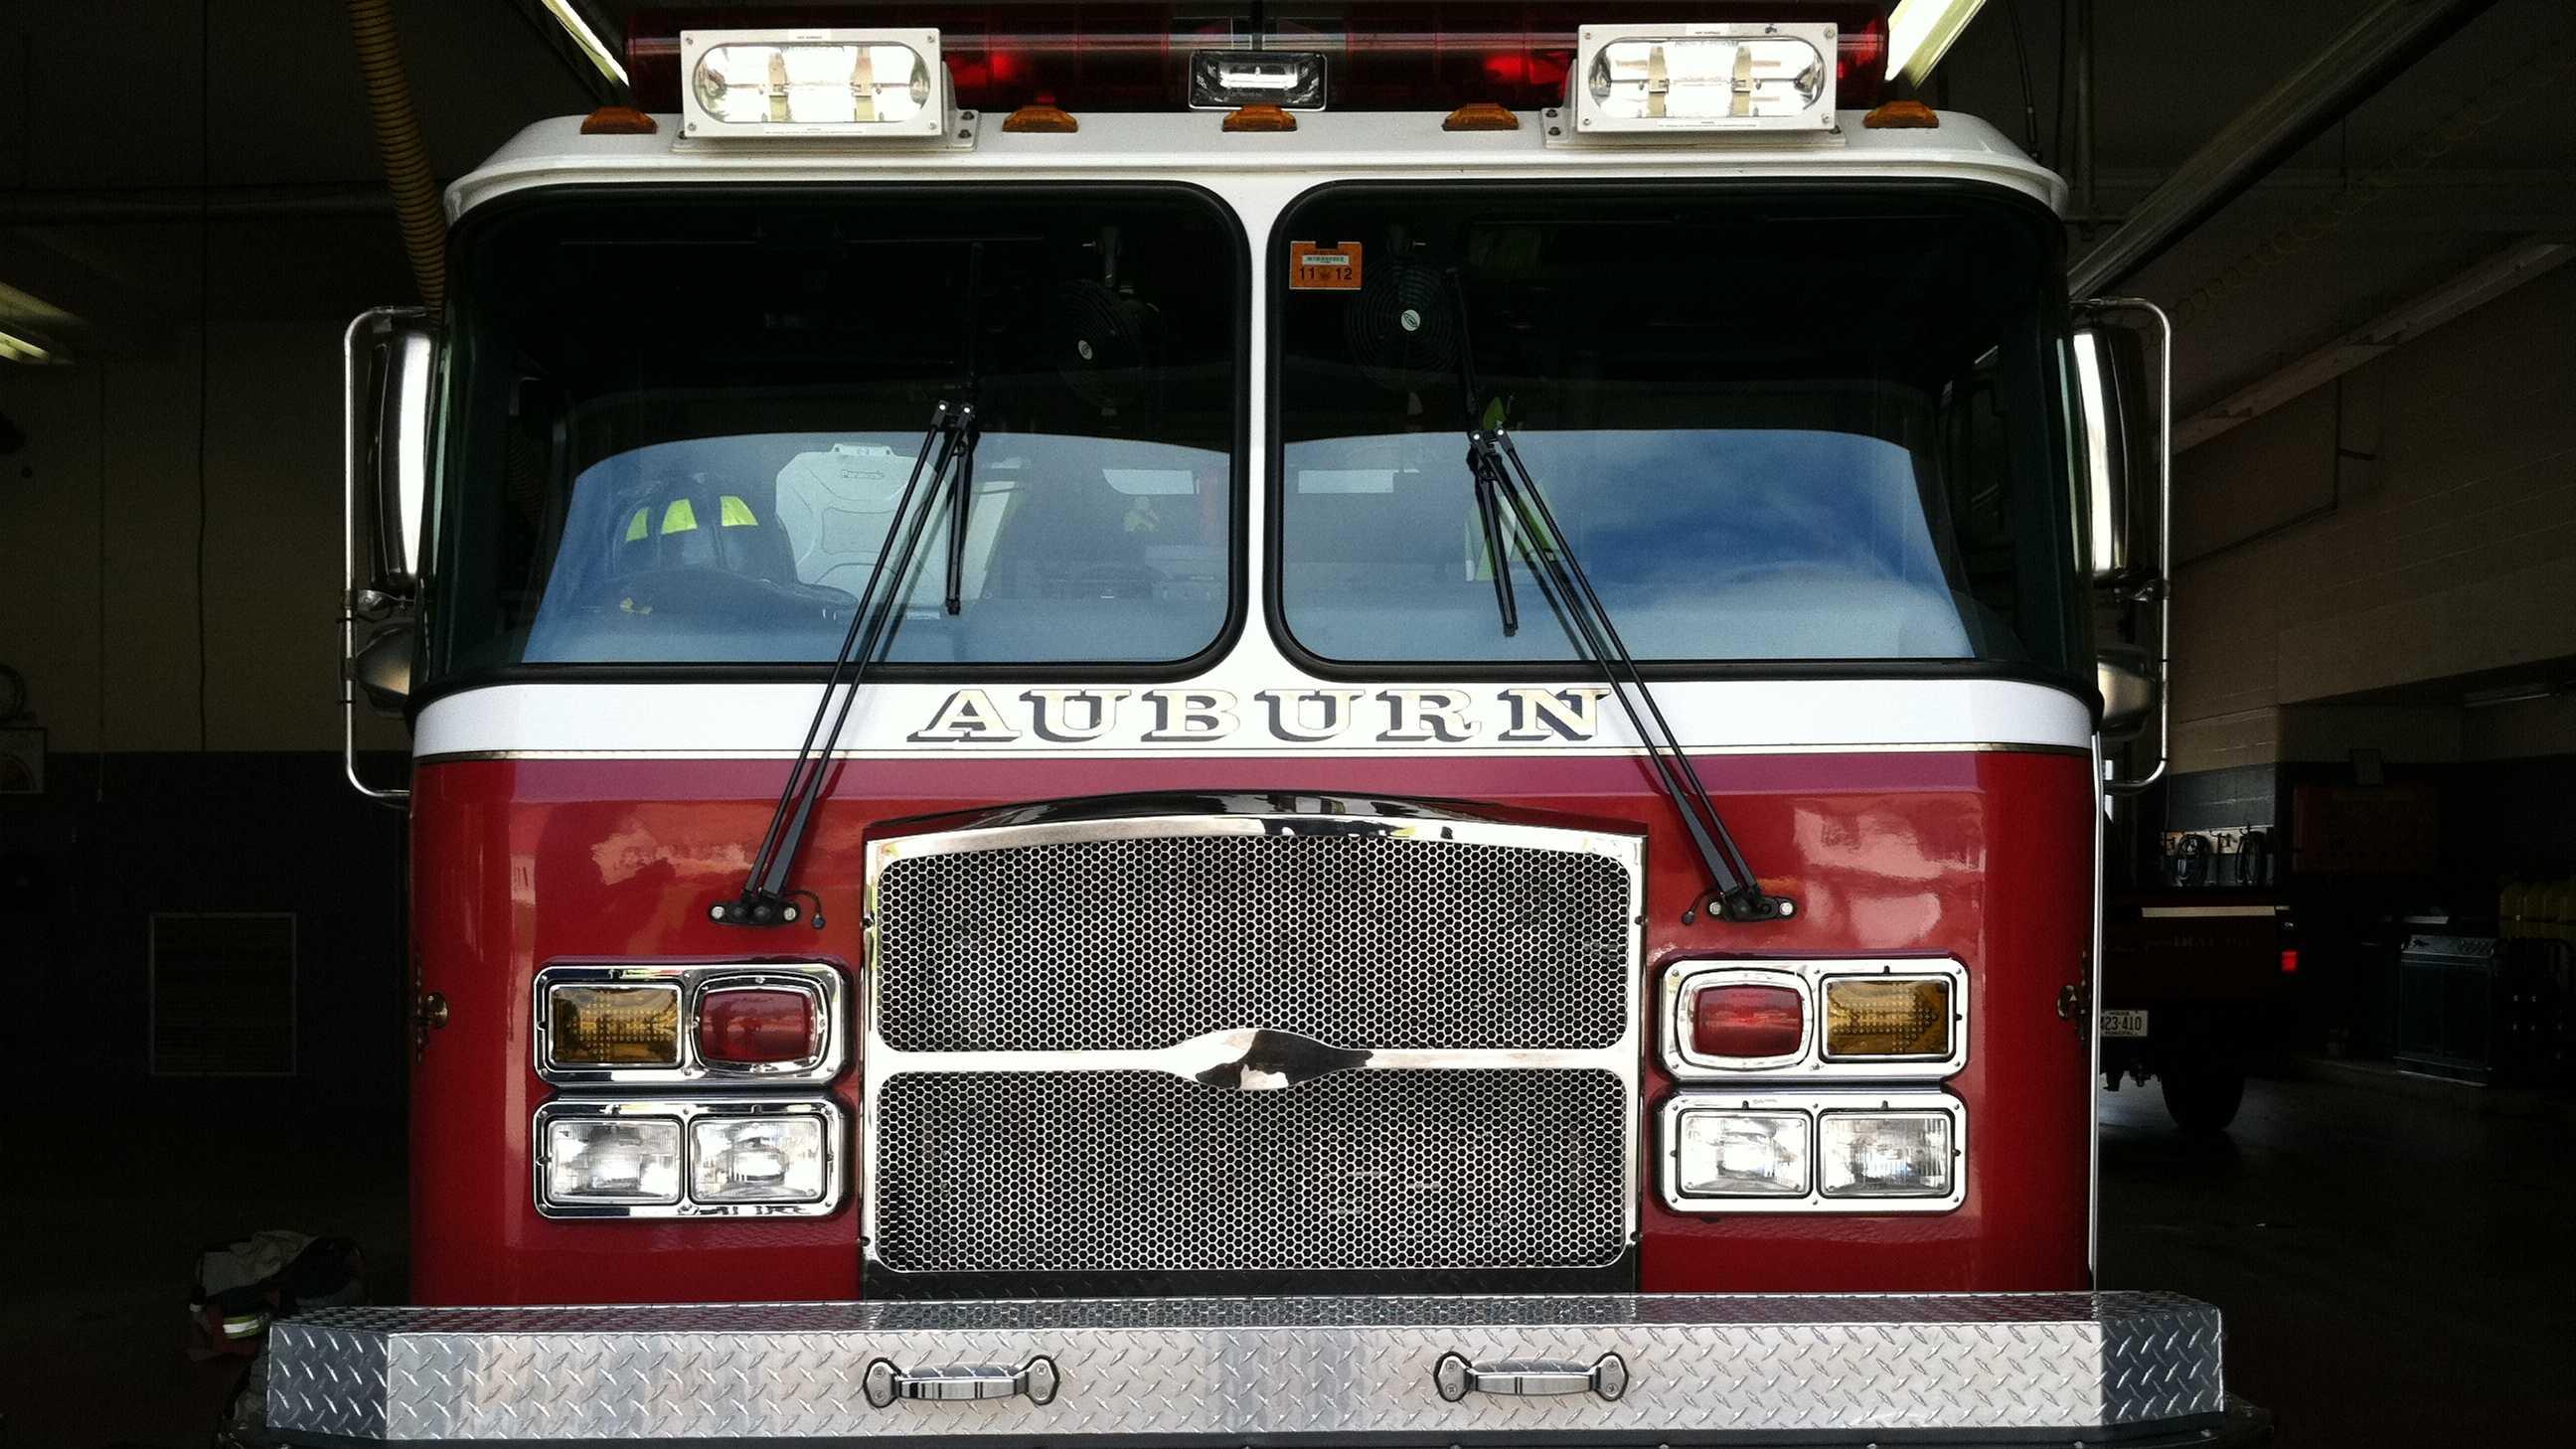 Auburn fire truck